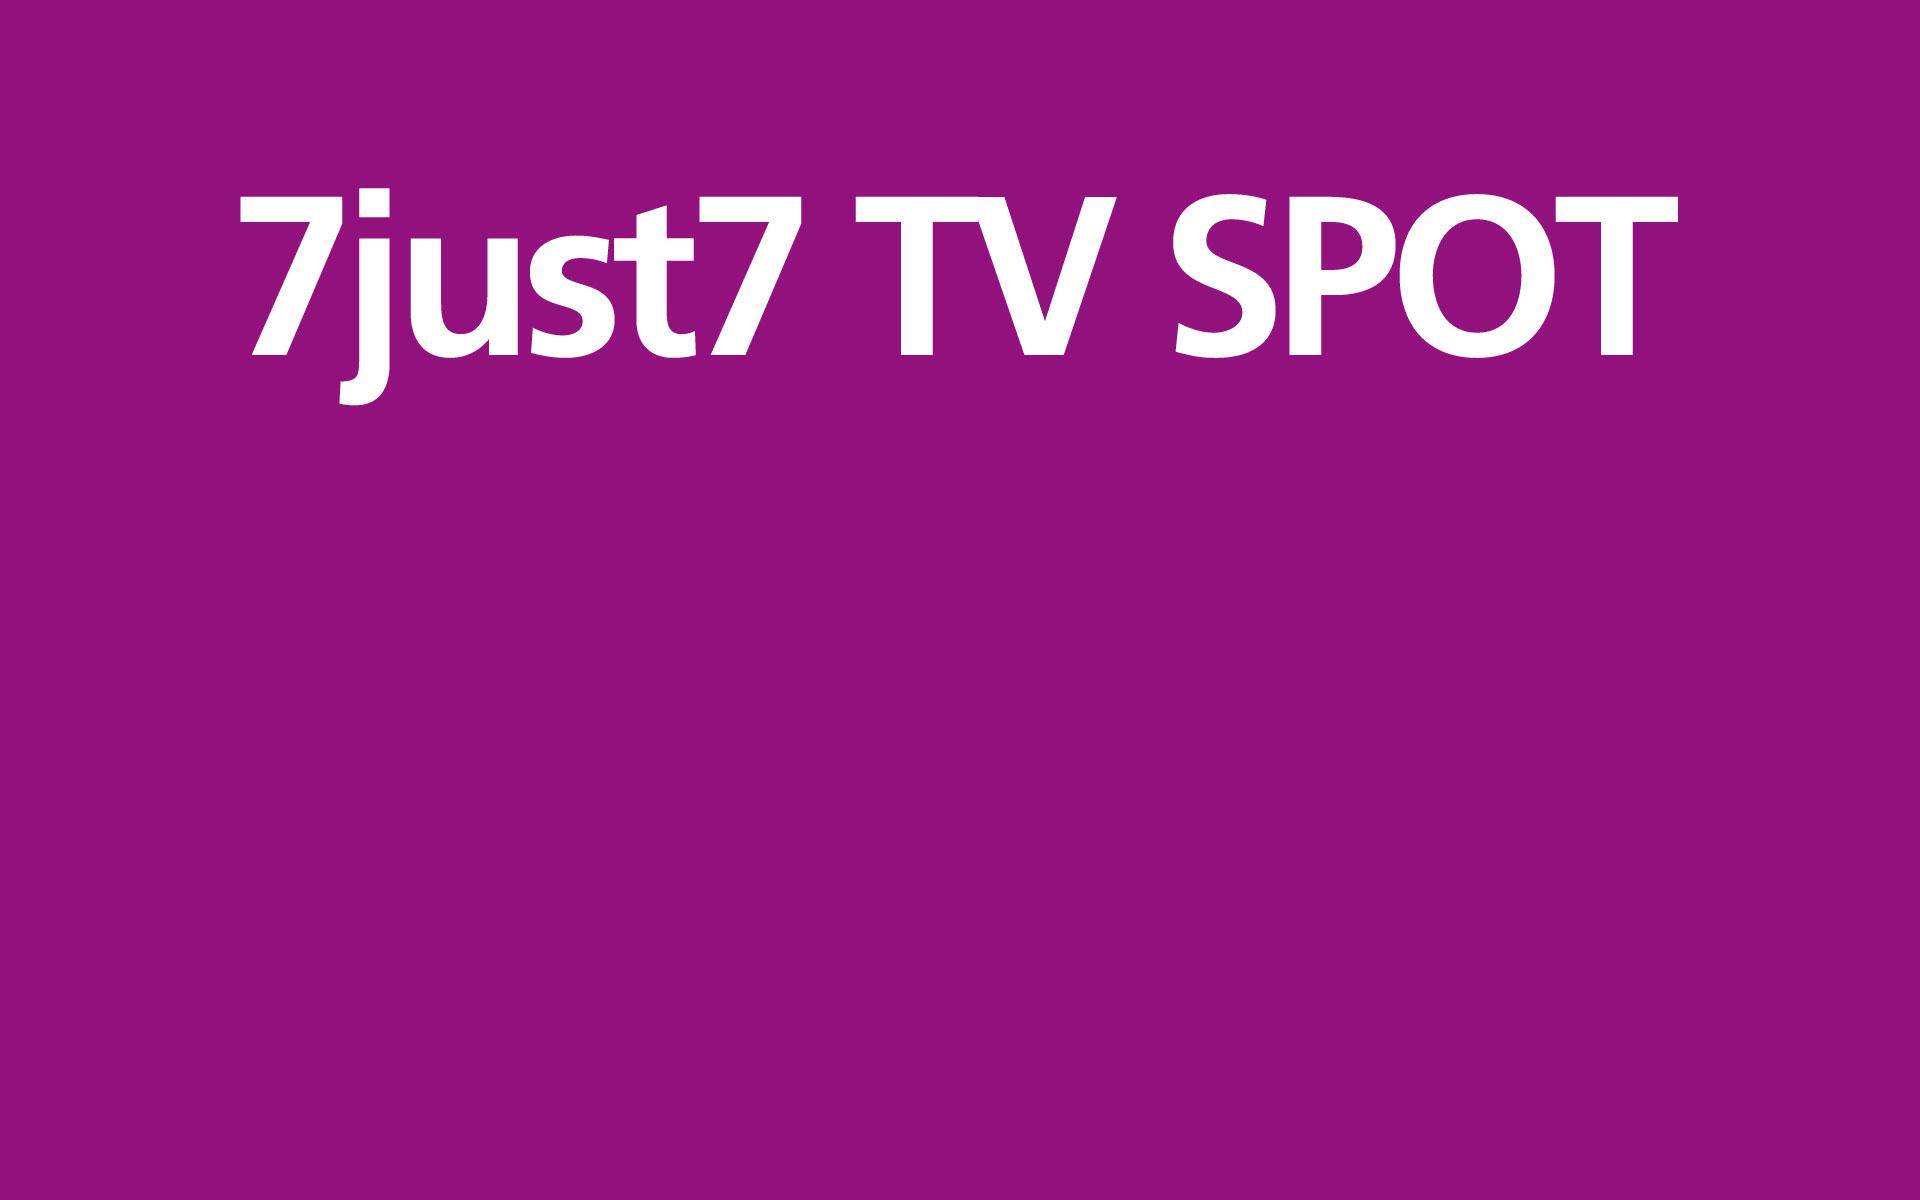 7Just7 – TV Spot